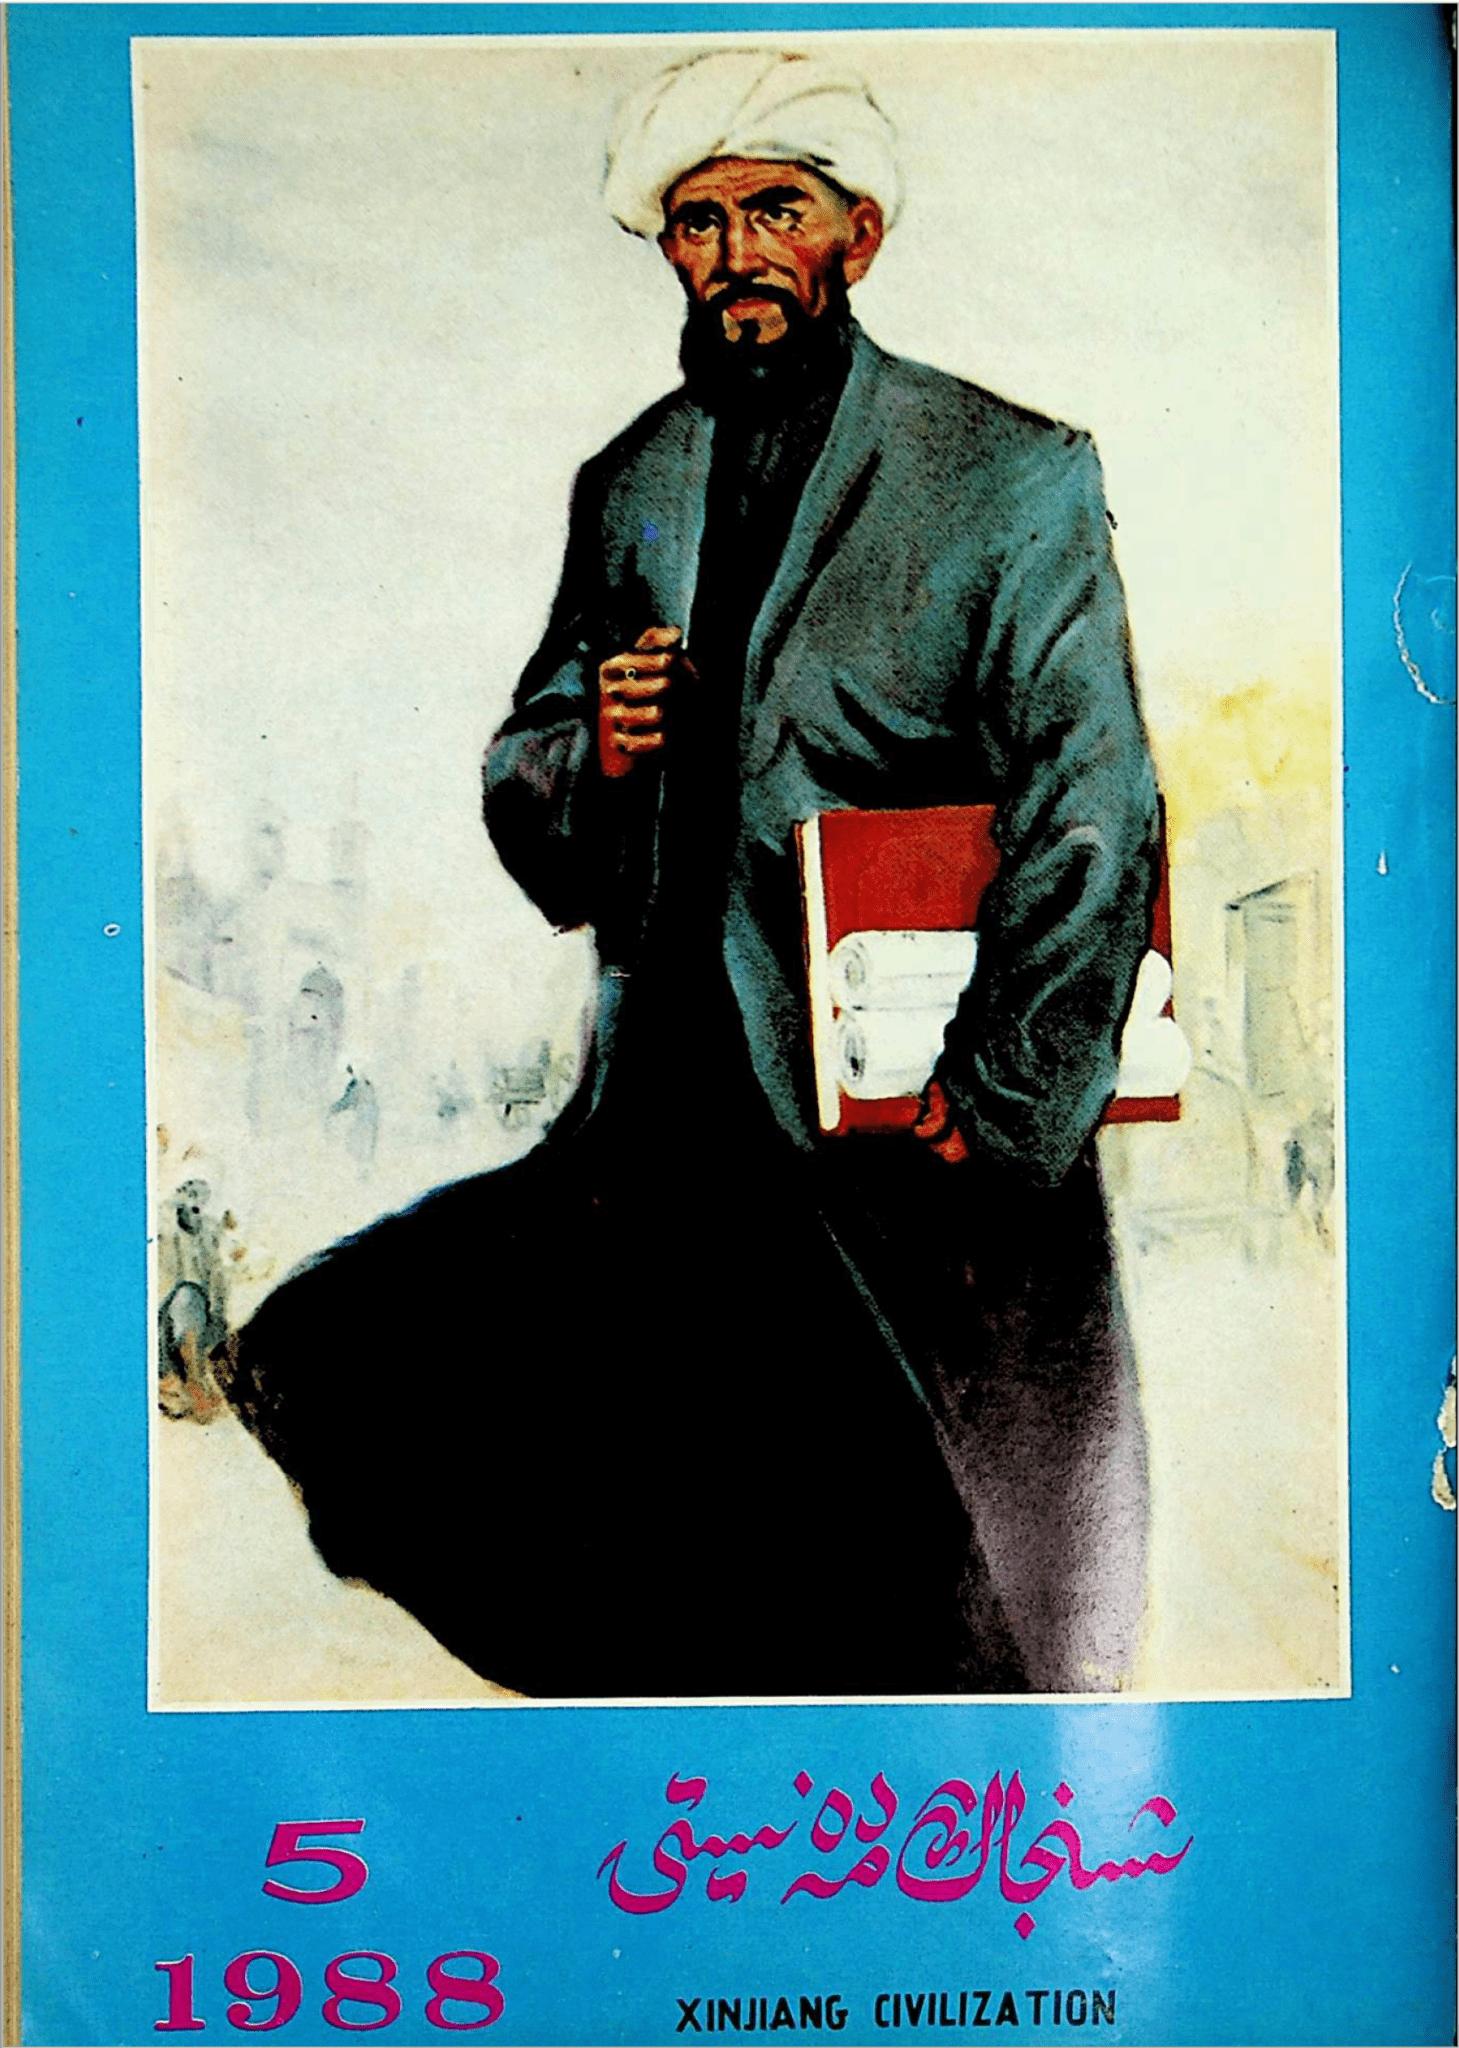 شىنجاڭ مەدەنىيىتى 1988-يىلى 5-سان, ئېلكىتاب تورى